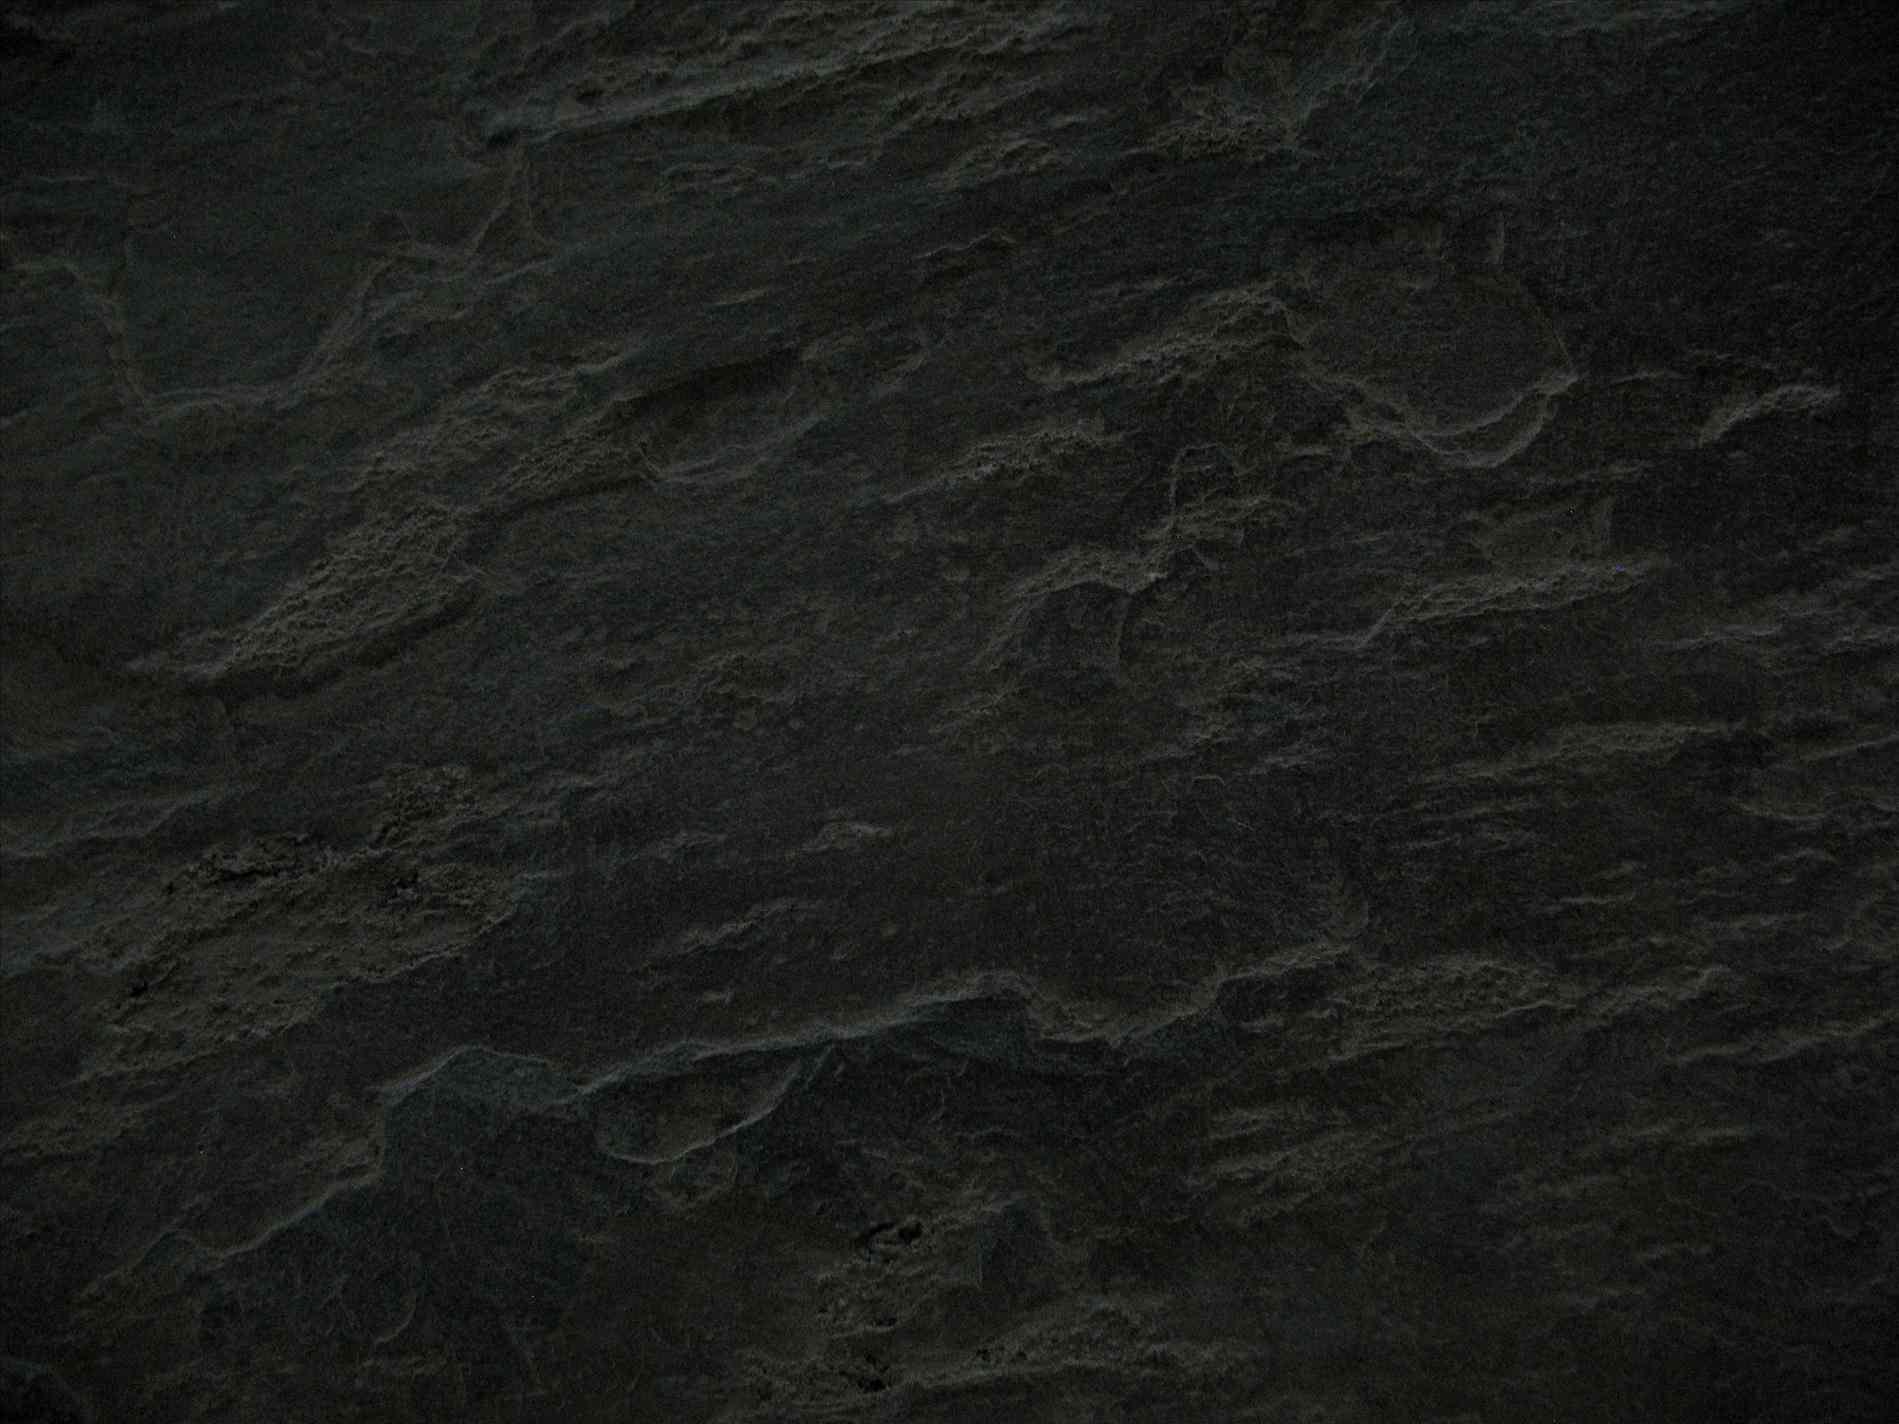 dark stone floor texture | datenlabor.info